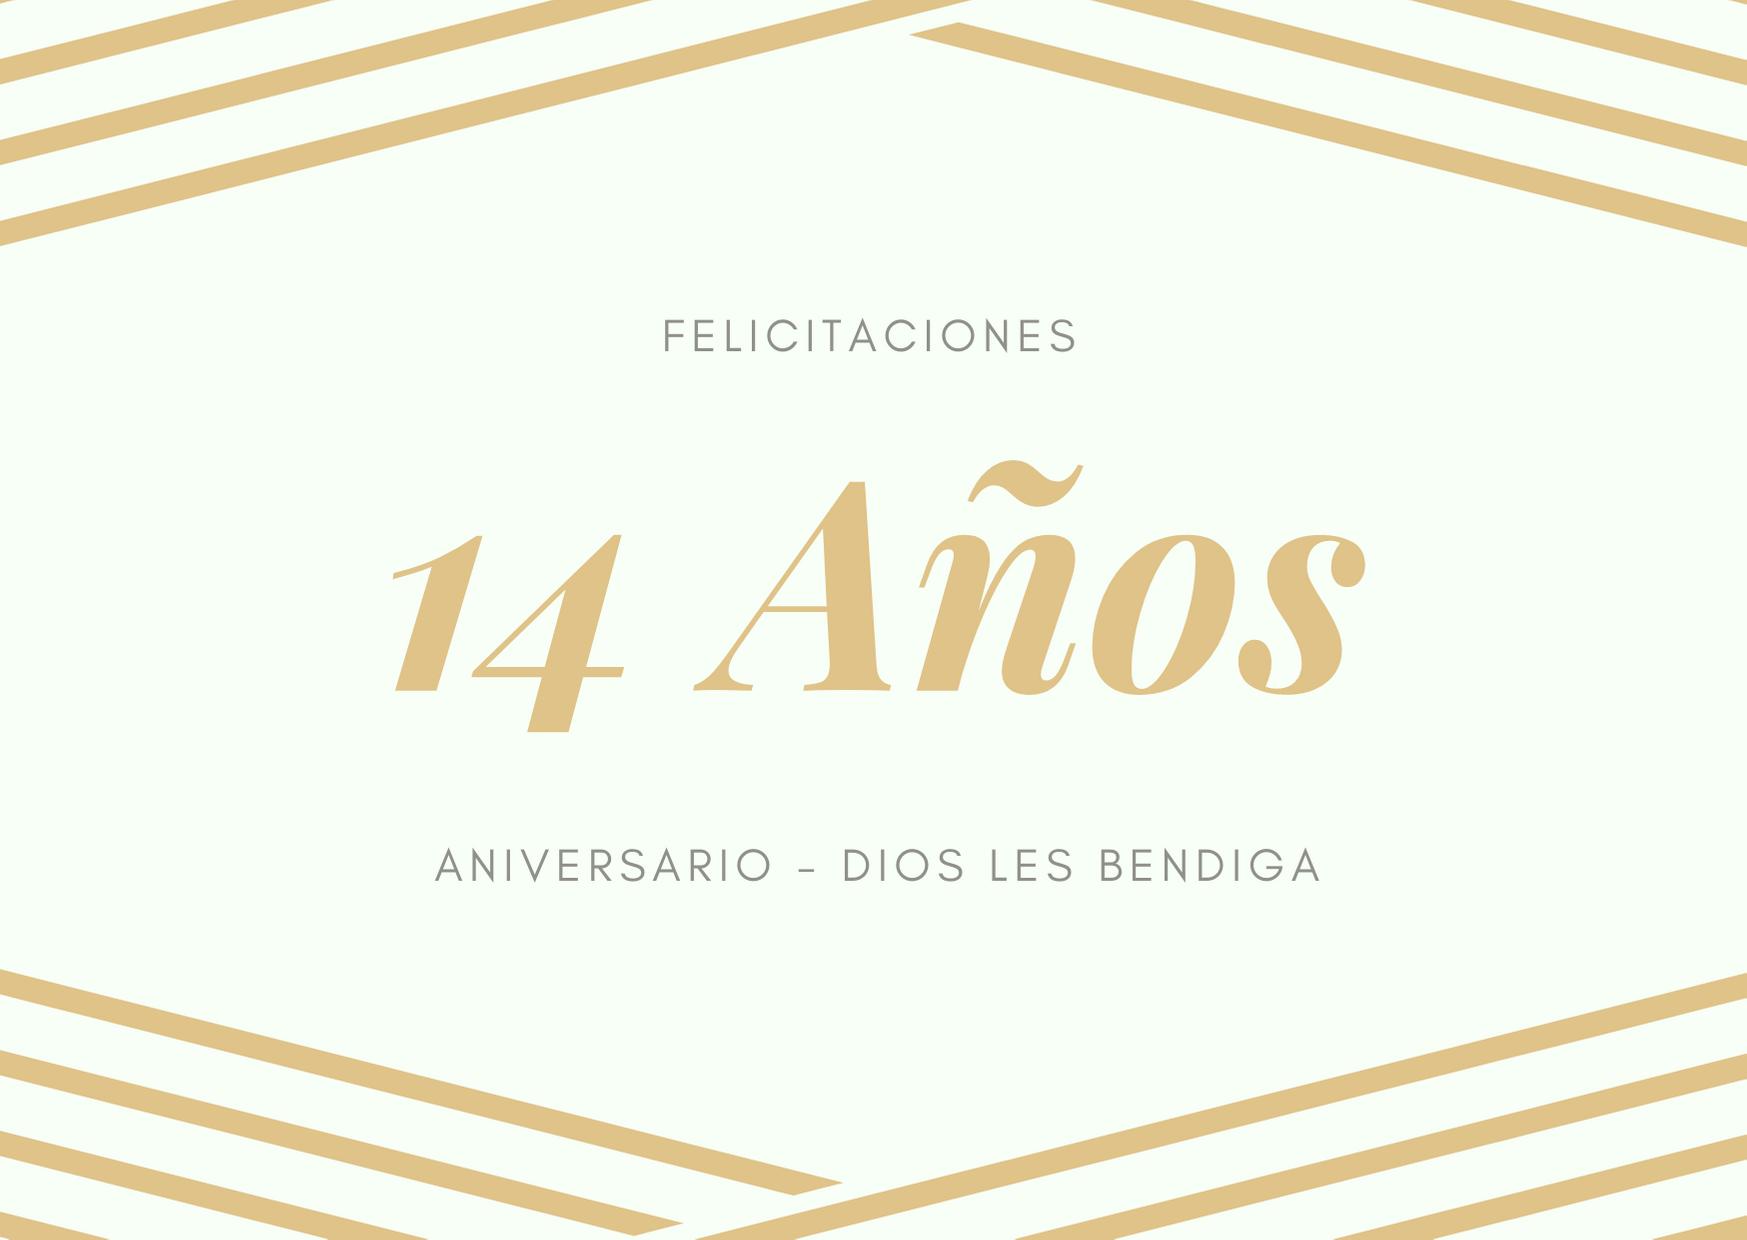 Bonito Lunes Mi Amor felicitaciones de aniversario de bodas 14 años - boda de